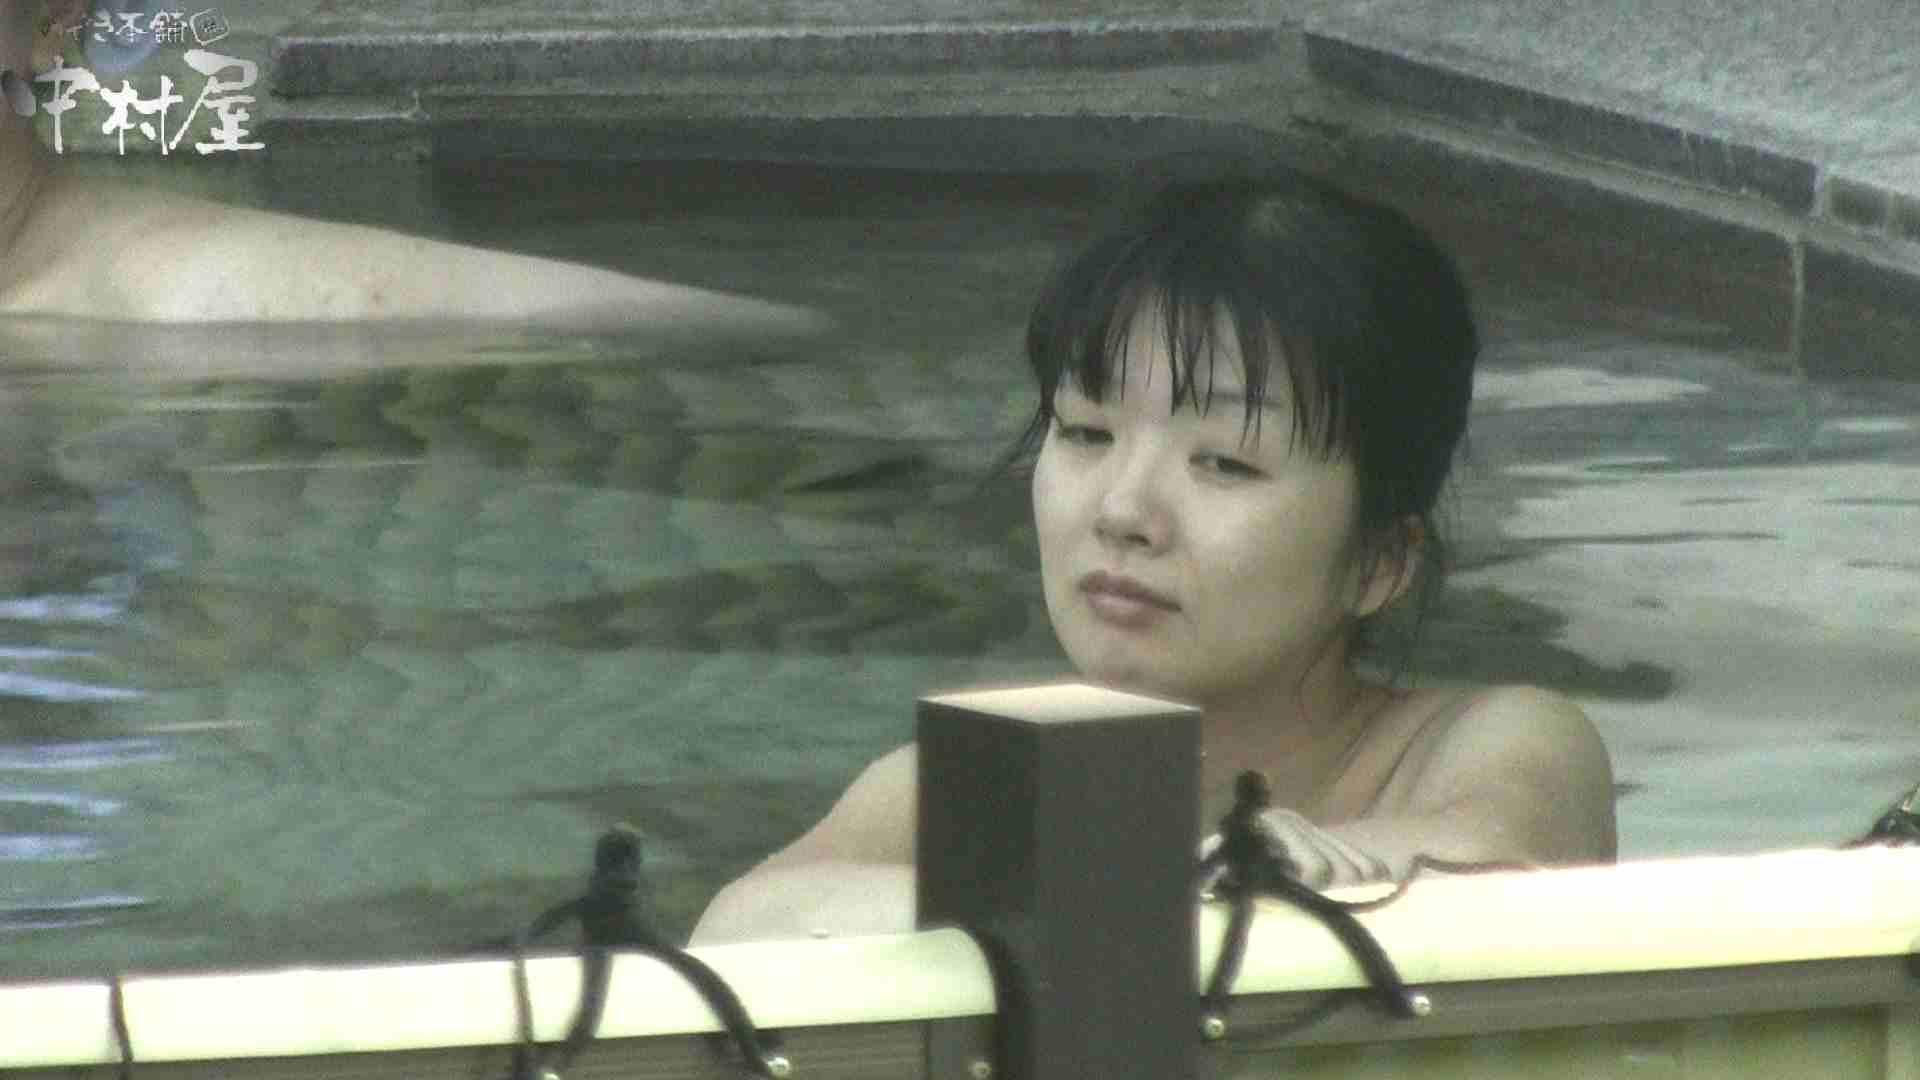 Aquaな露天風呂Vol.904 0  63pic 30